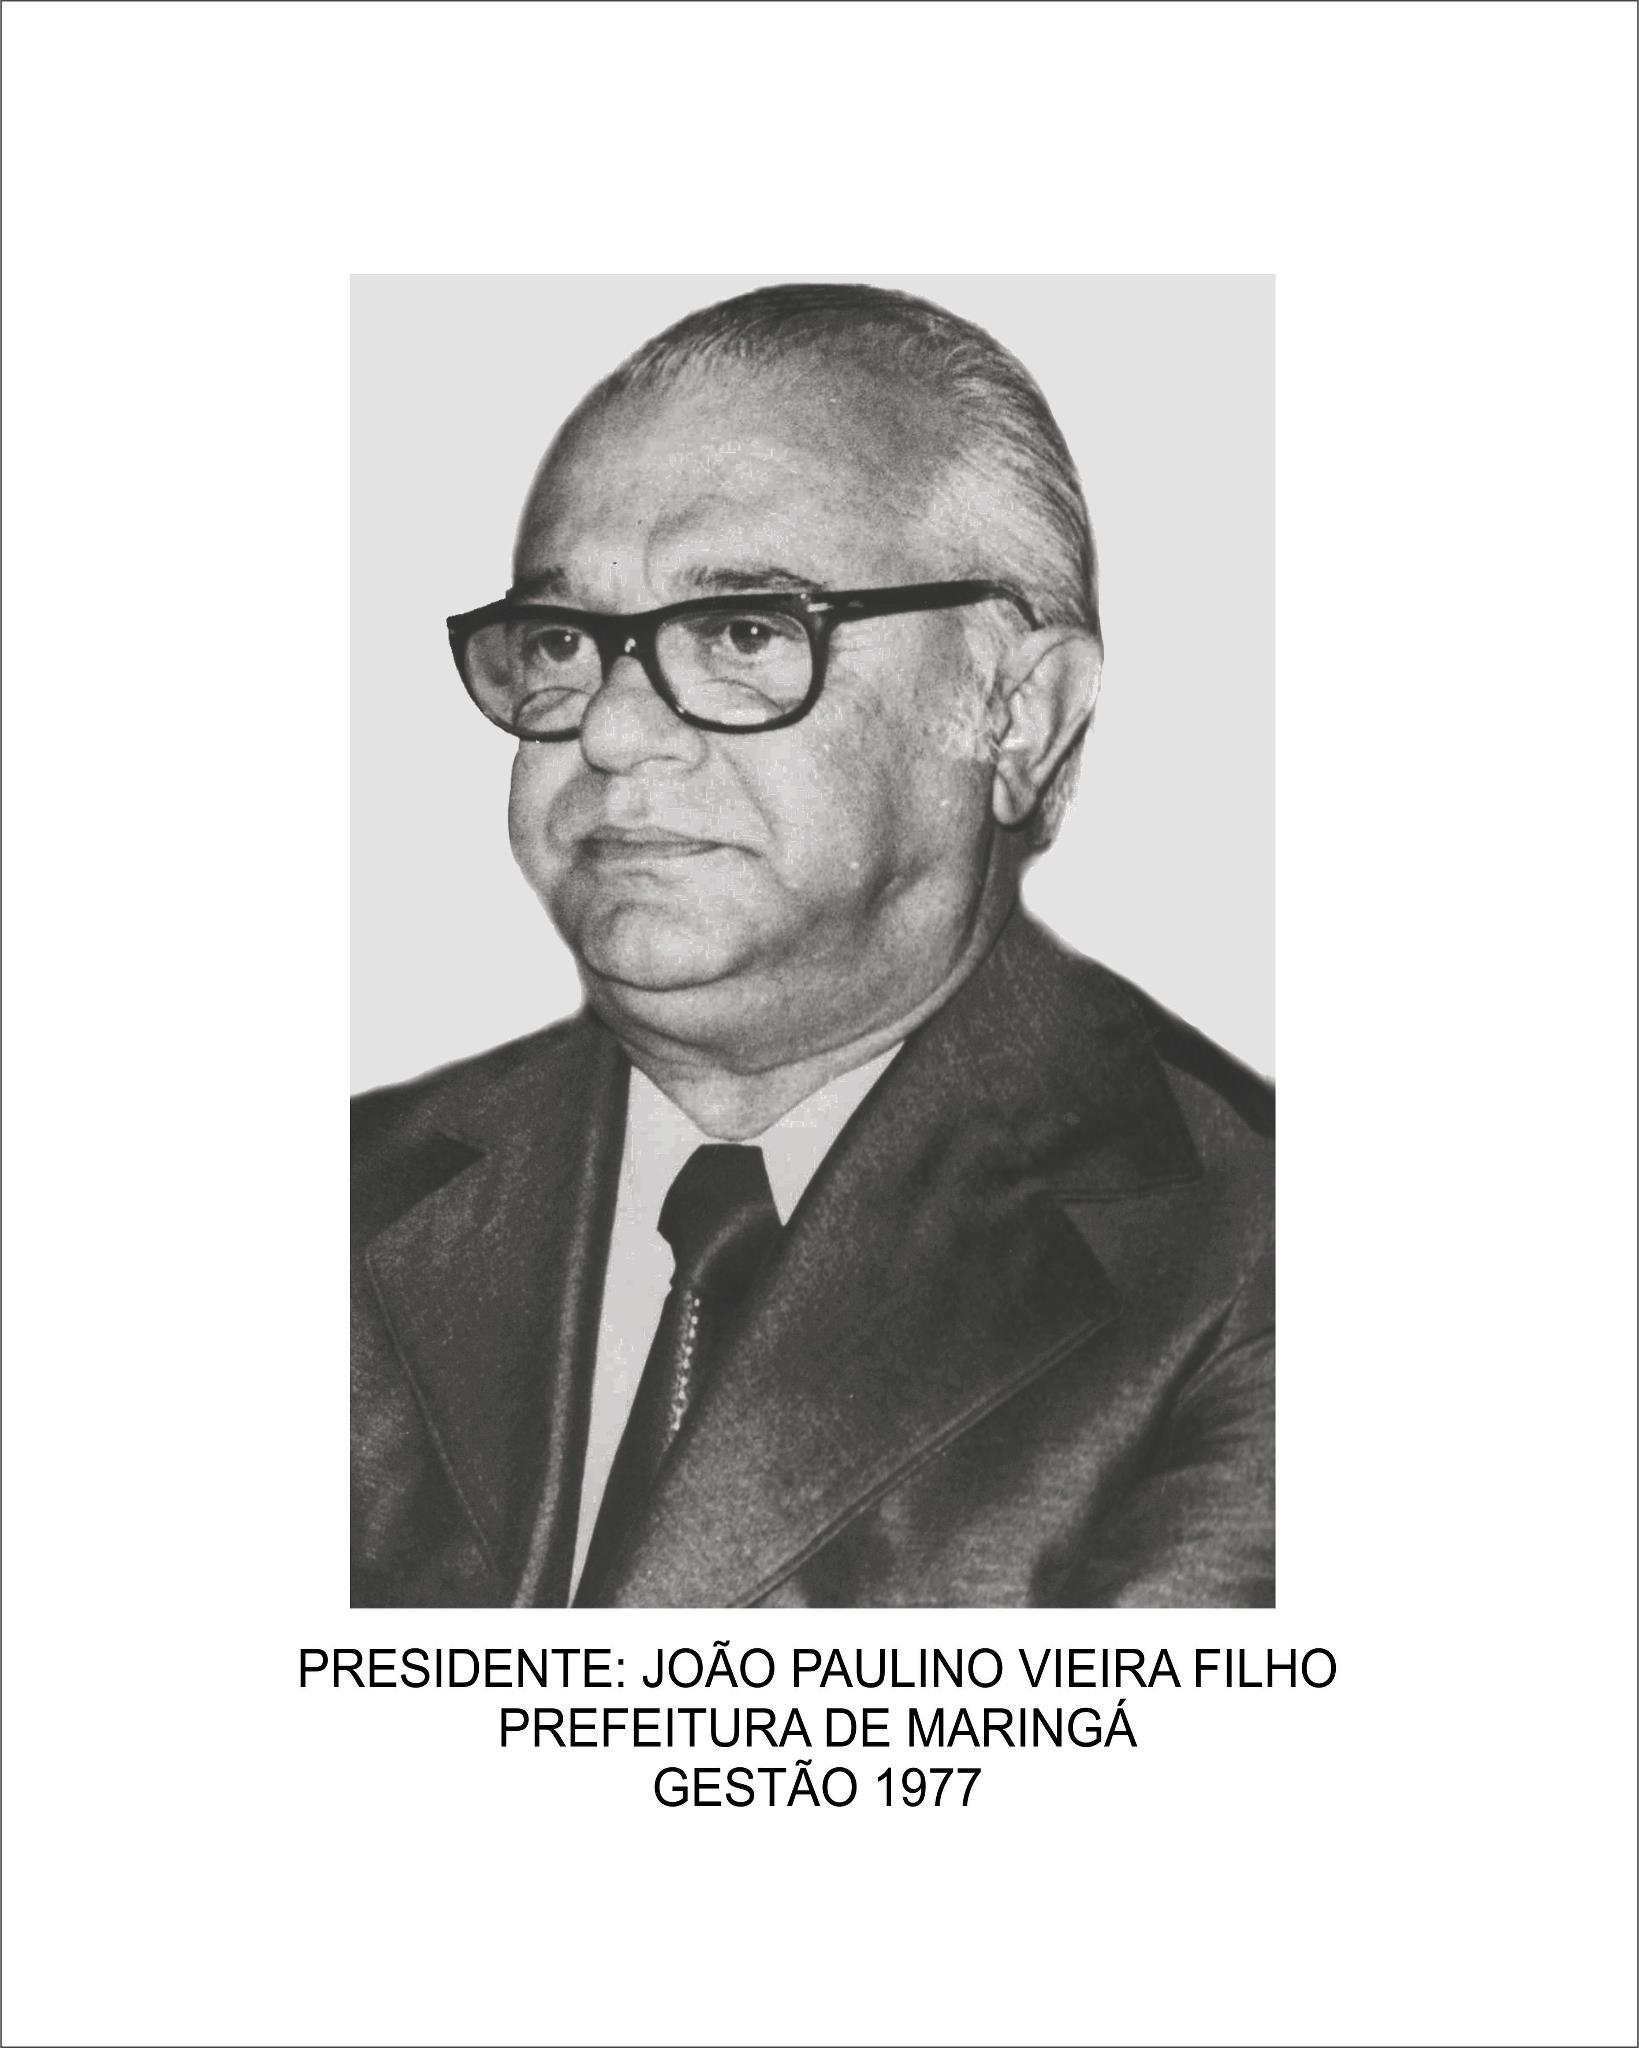 João Paulino Vieira Filho